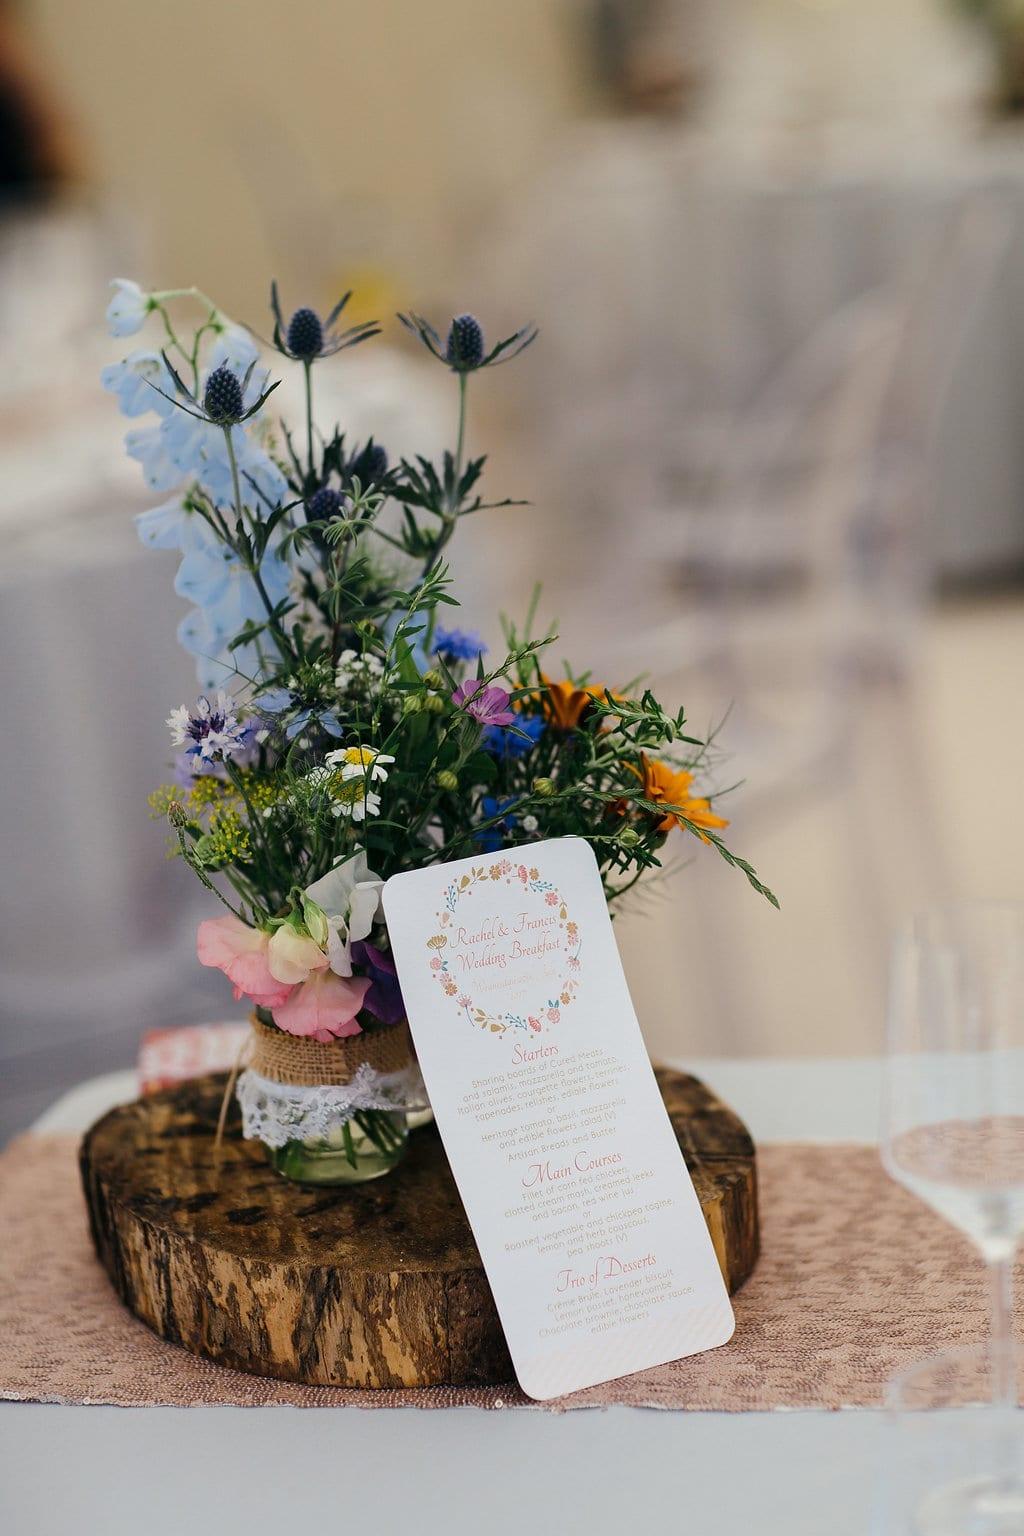 colourful floral wedding arrangement